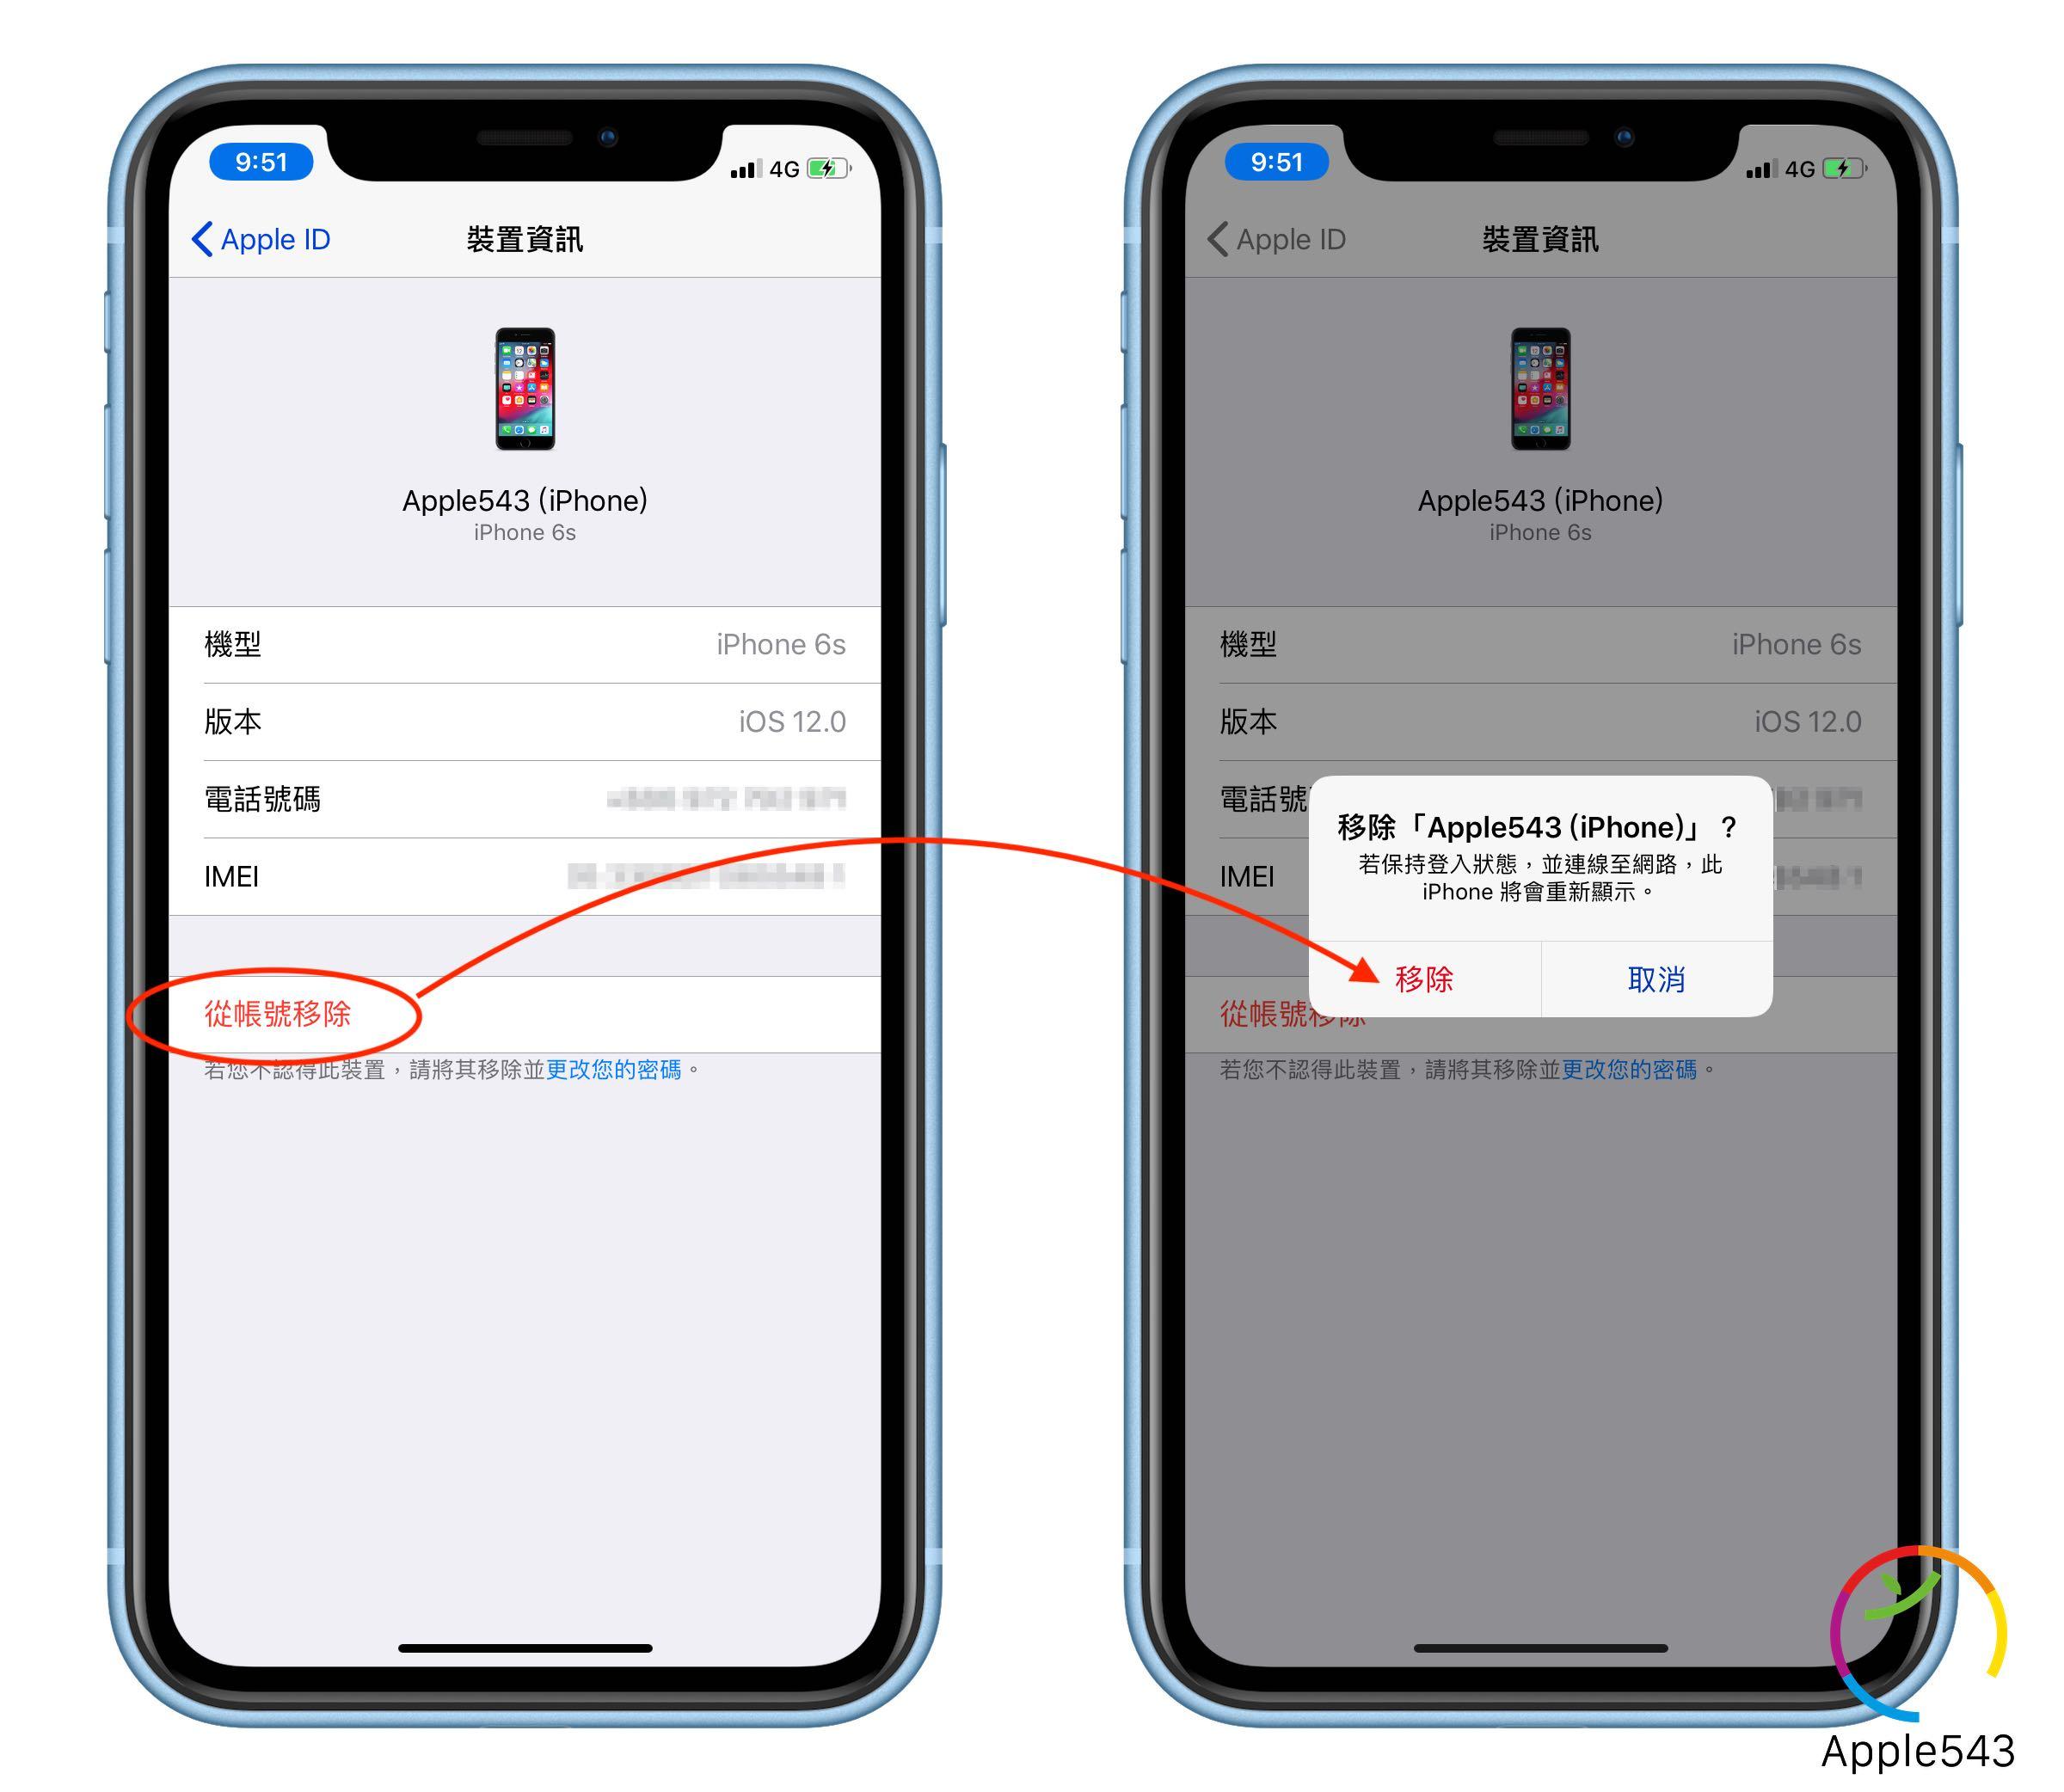 移除 Apple ID 裝置 !清除設定的時候也別忘了 - Apple543 找教學